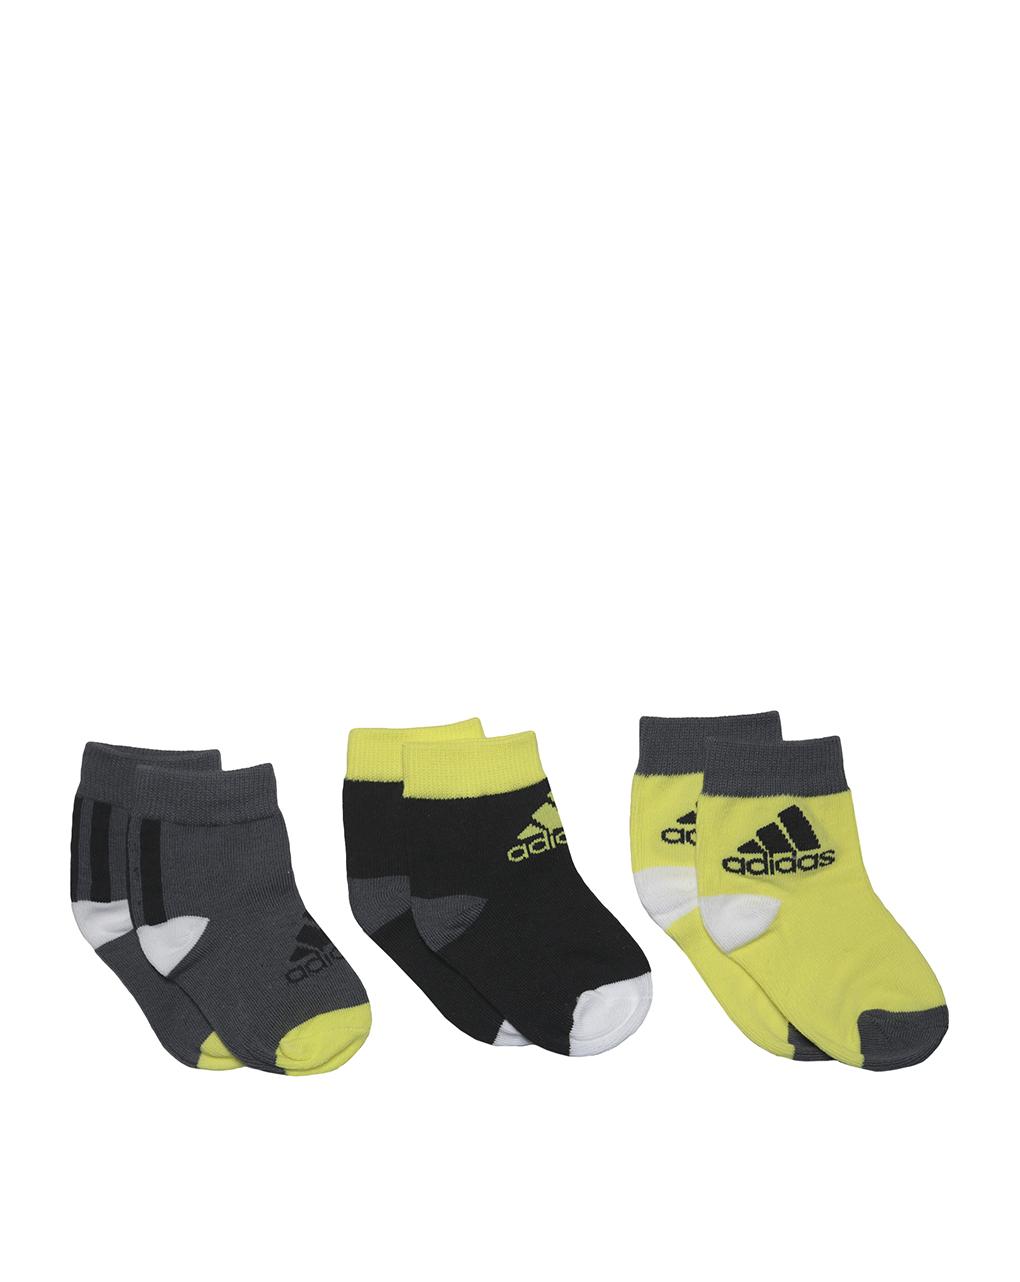 Κάλτσες Πακέτο Χ3 Adidas για Αγόρι